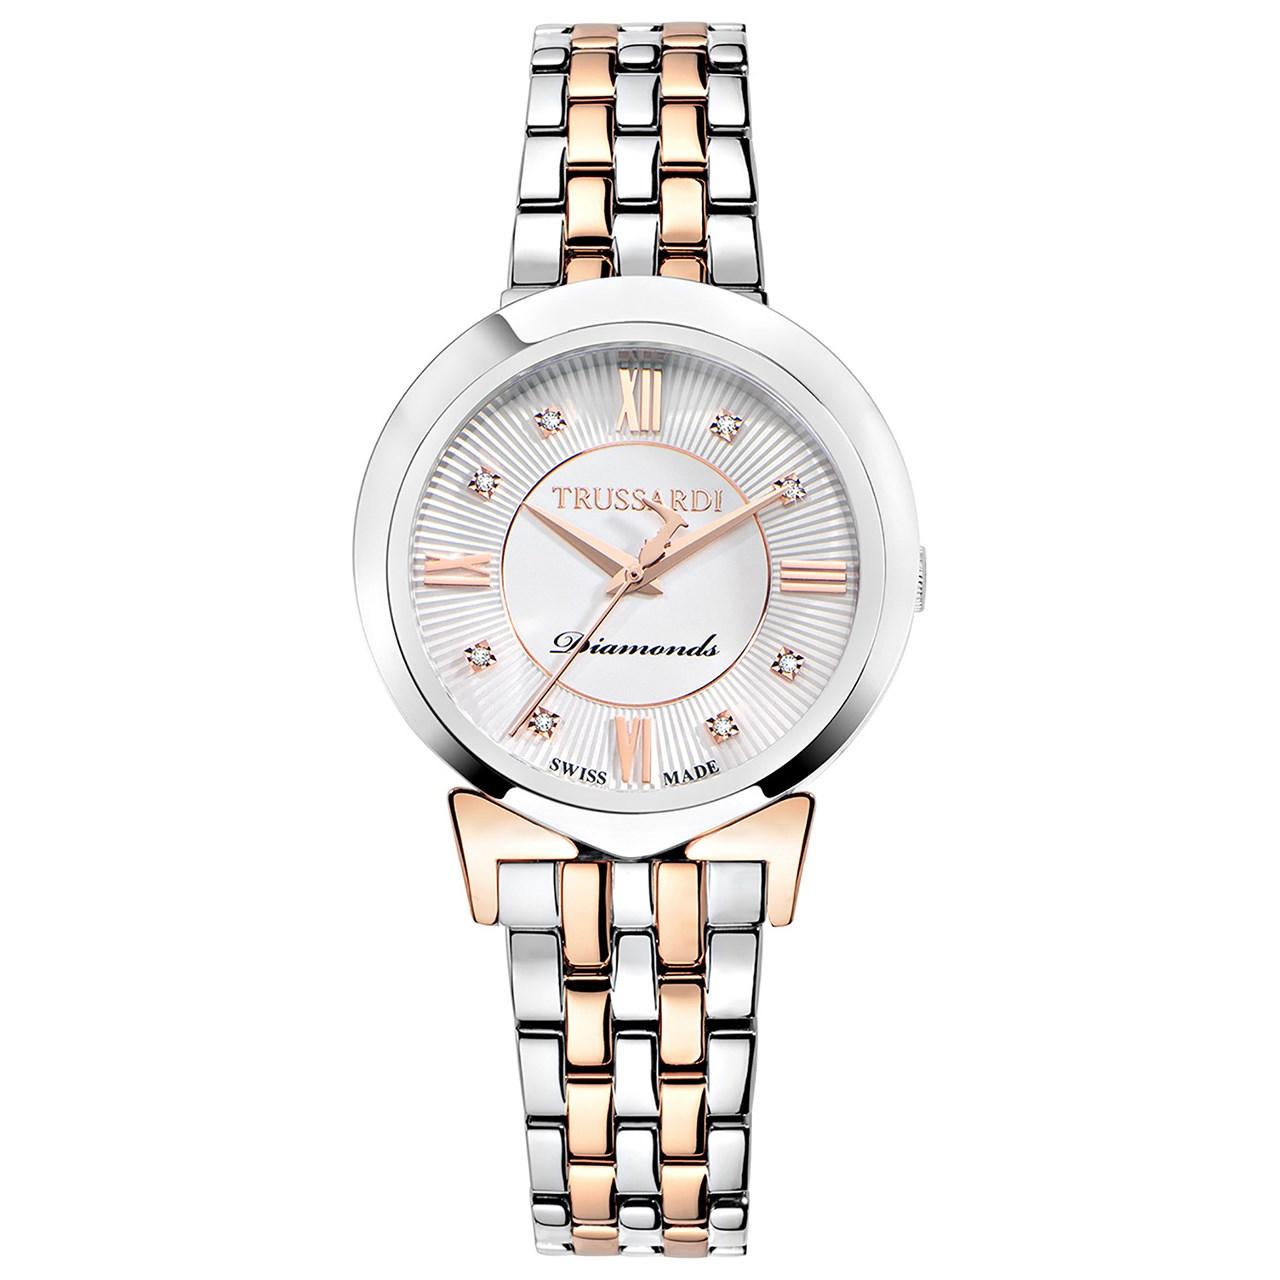 خرید ساعت مچی عقربه ای زنانه تروساردی مدل TR-R2453105506